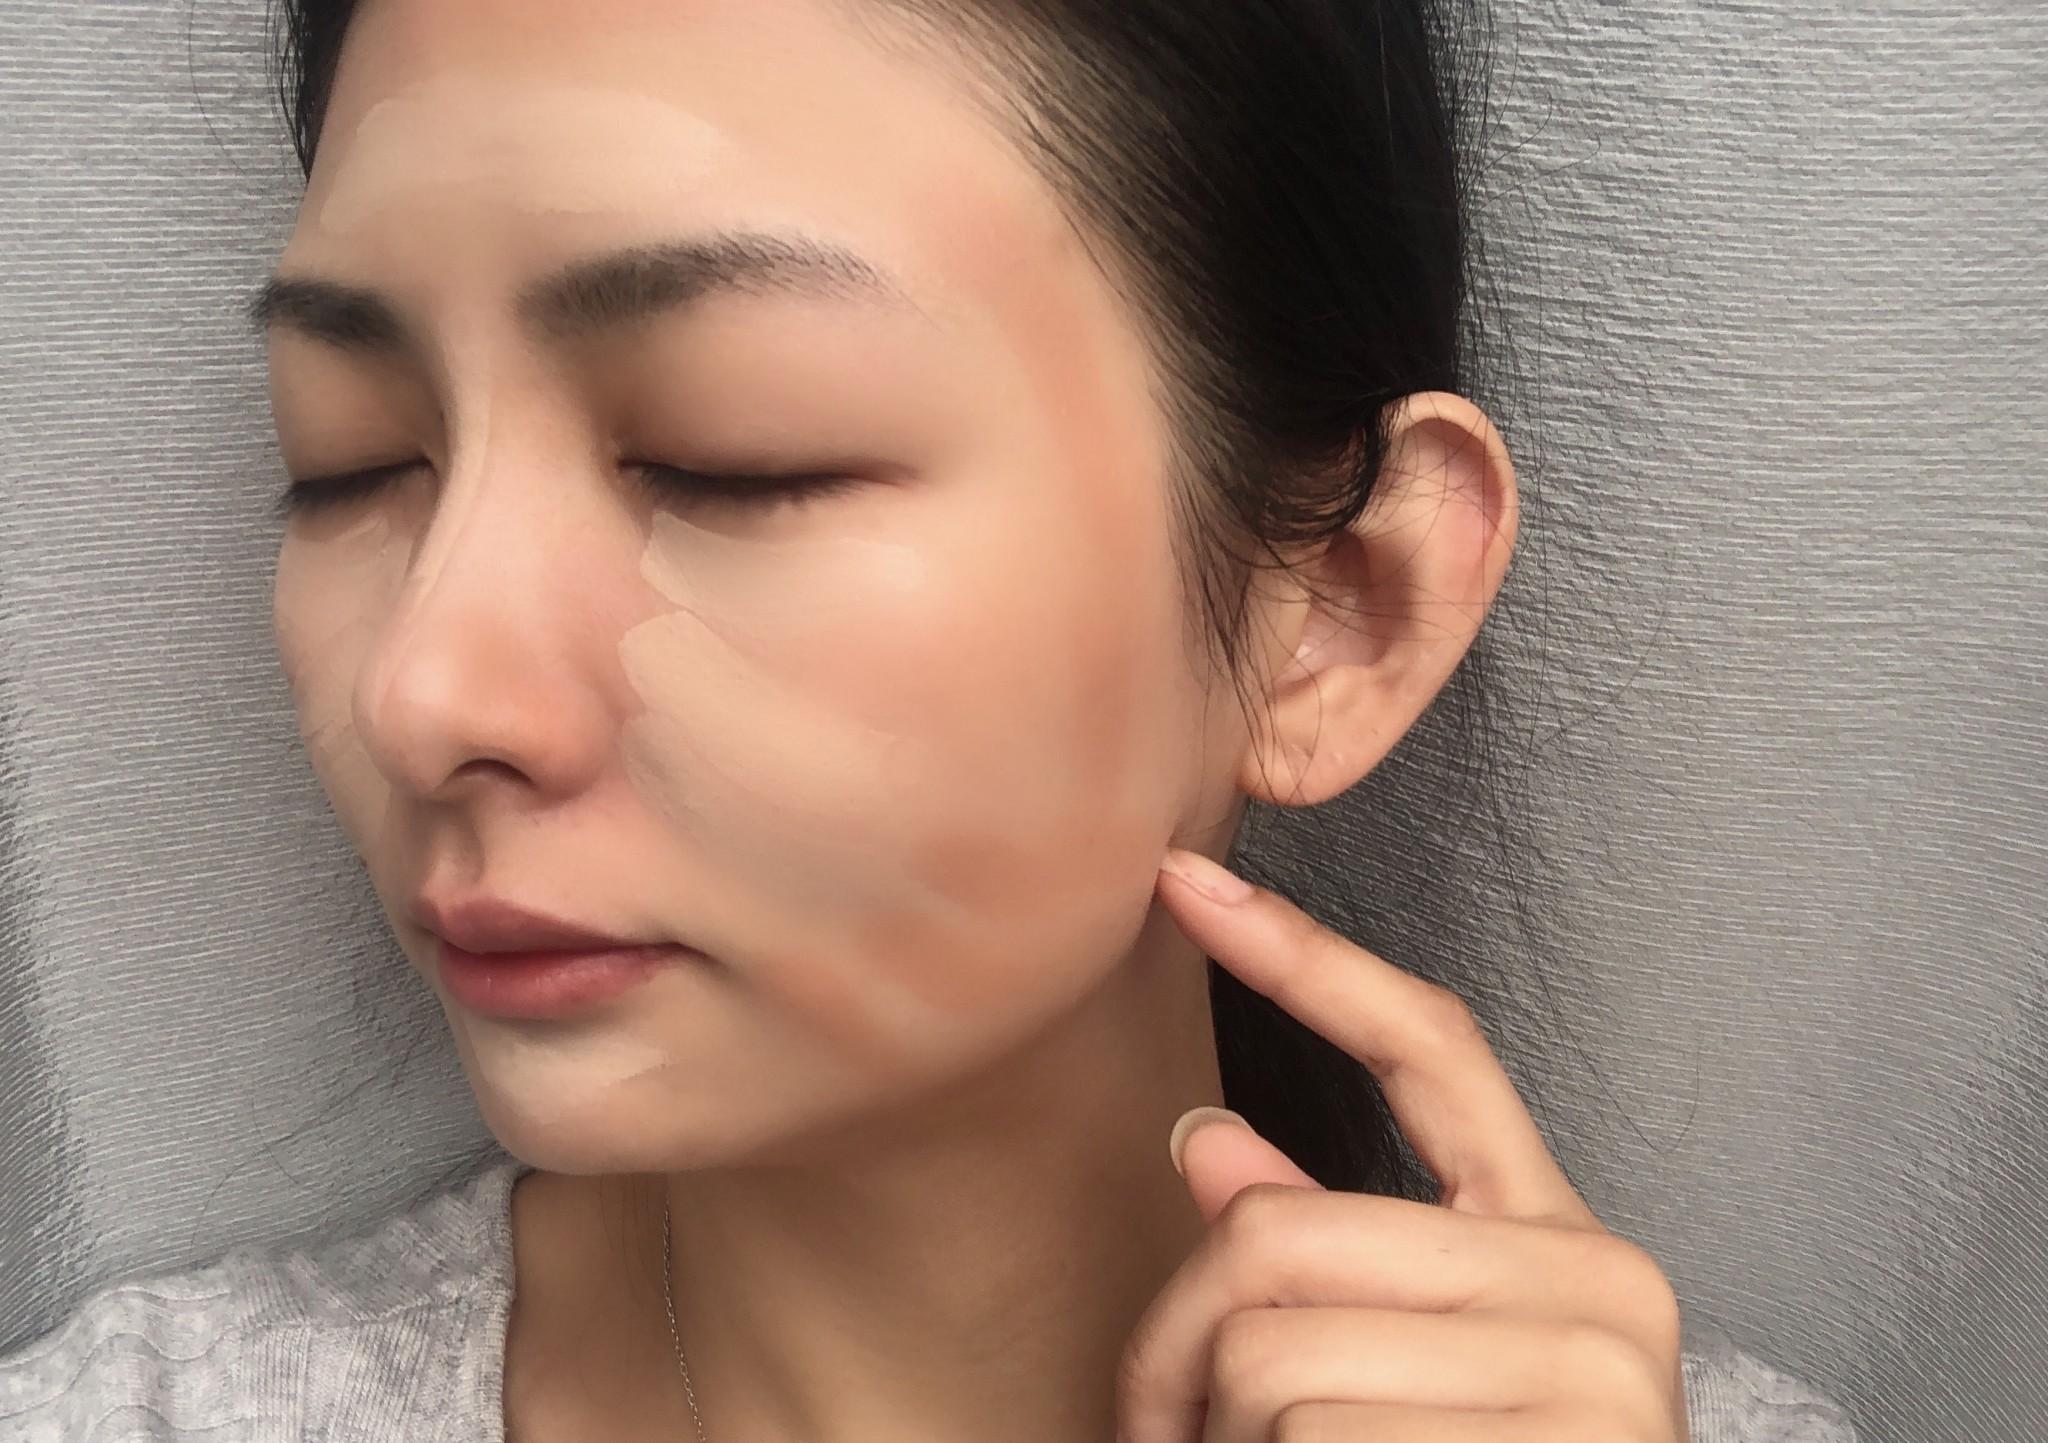 ファンデの色を間違えた! 失敗したファンデで作る「小顔メイク」 濱田文恵のセルフ美容法 #2